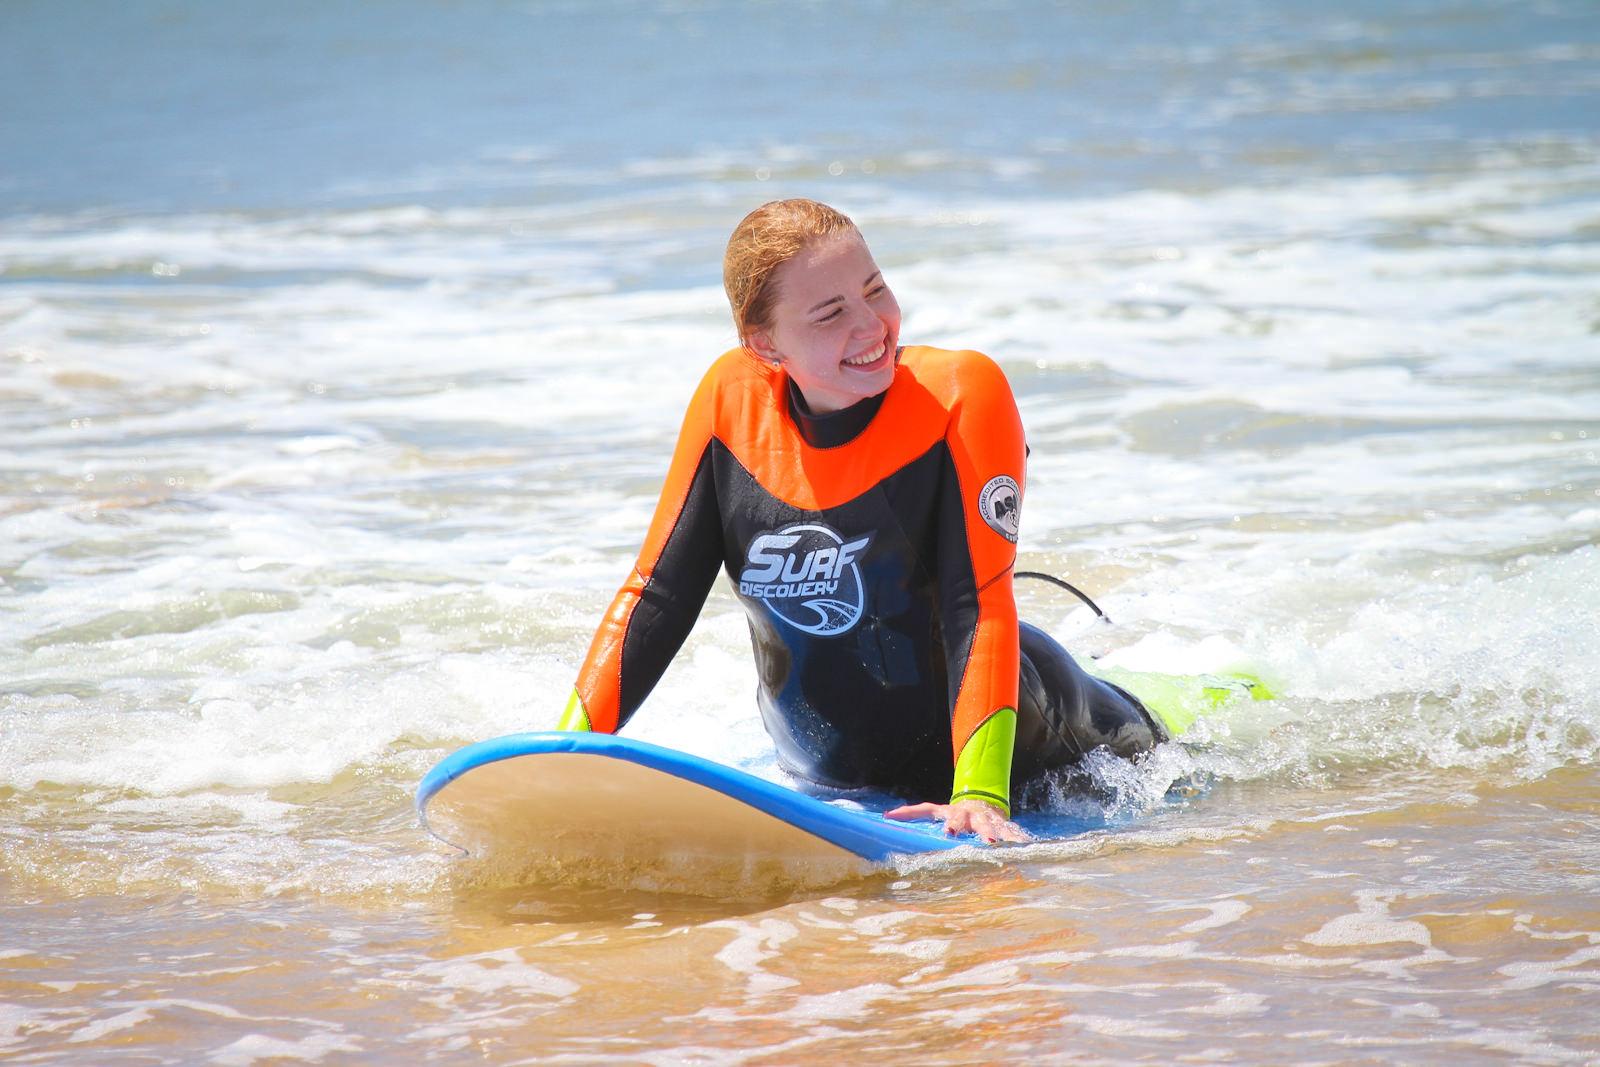 серфинг - это удовольствие!